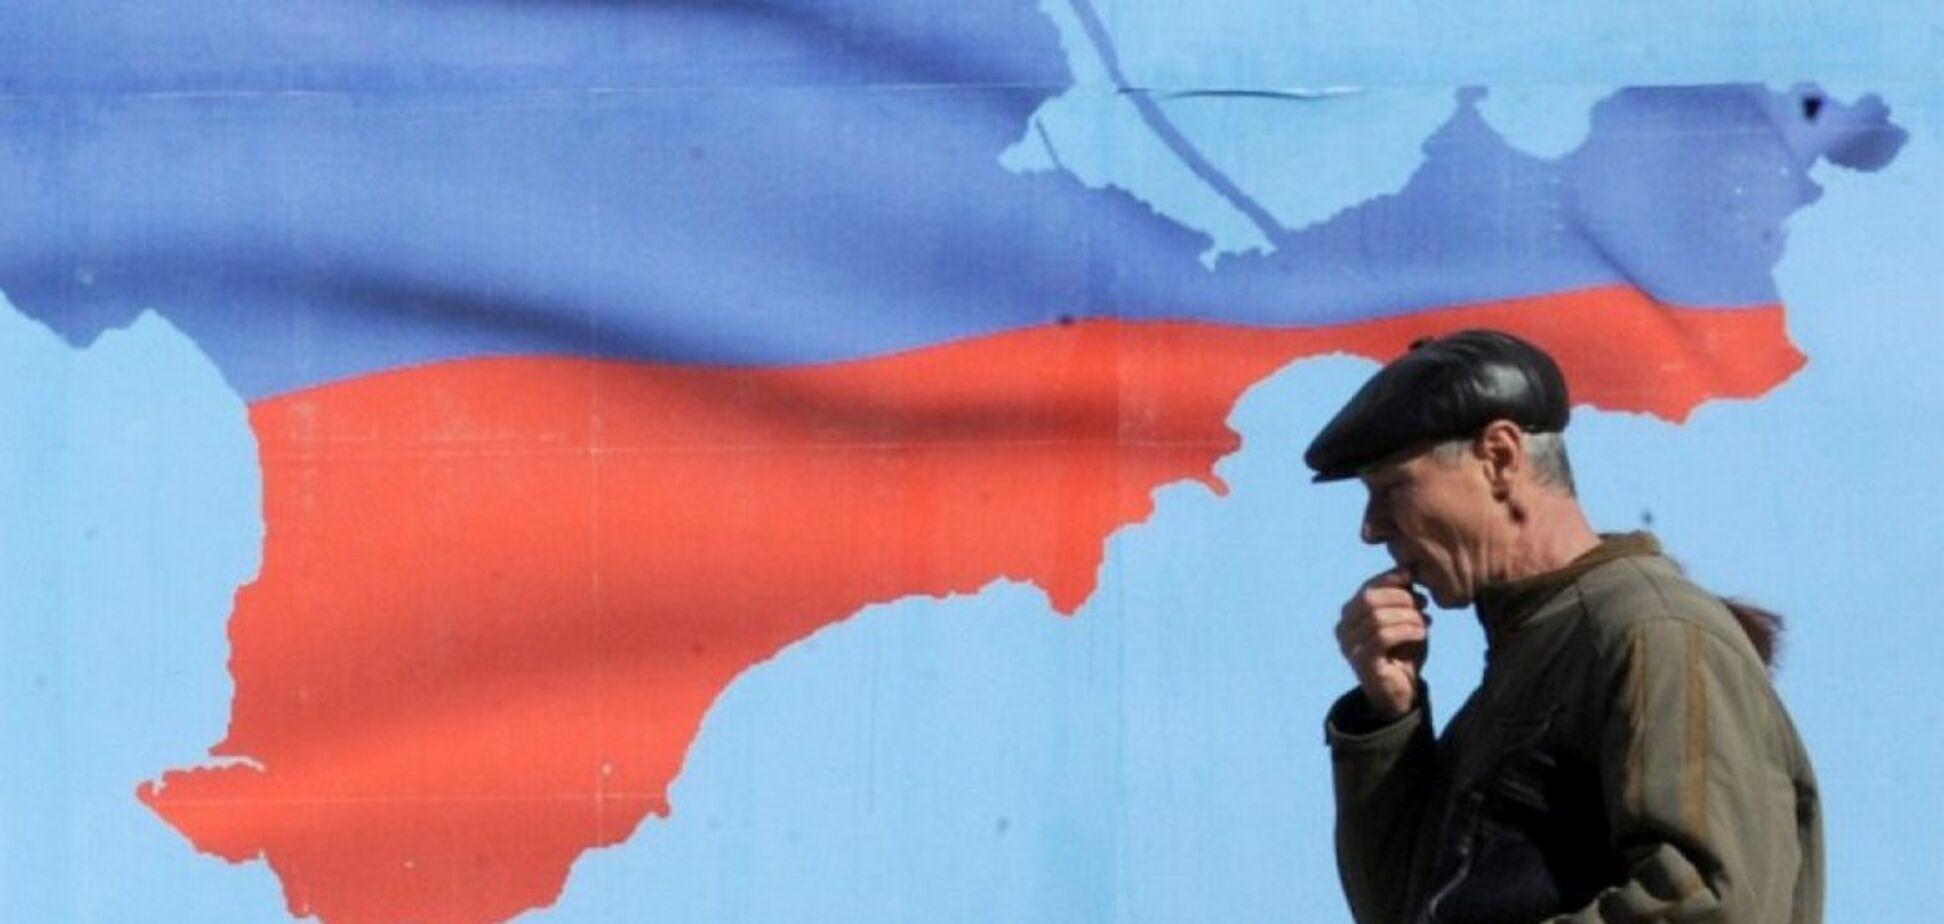 Злочини РФ у Криму: ООН опублікувала важливу доповідь